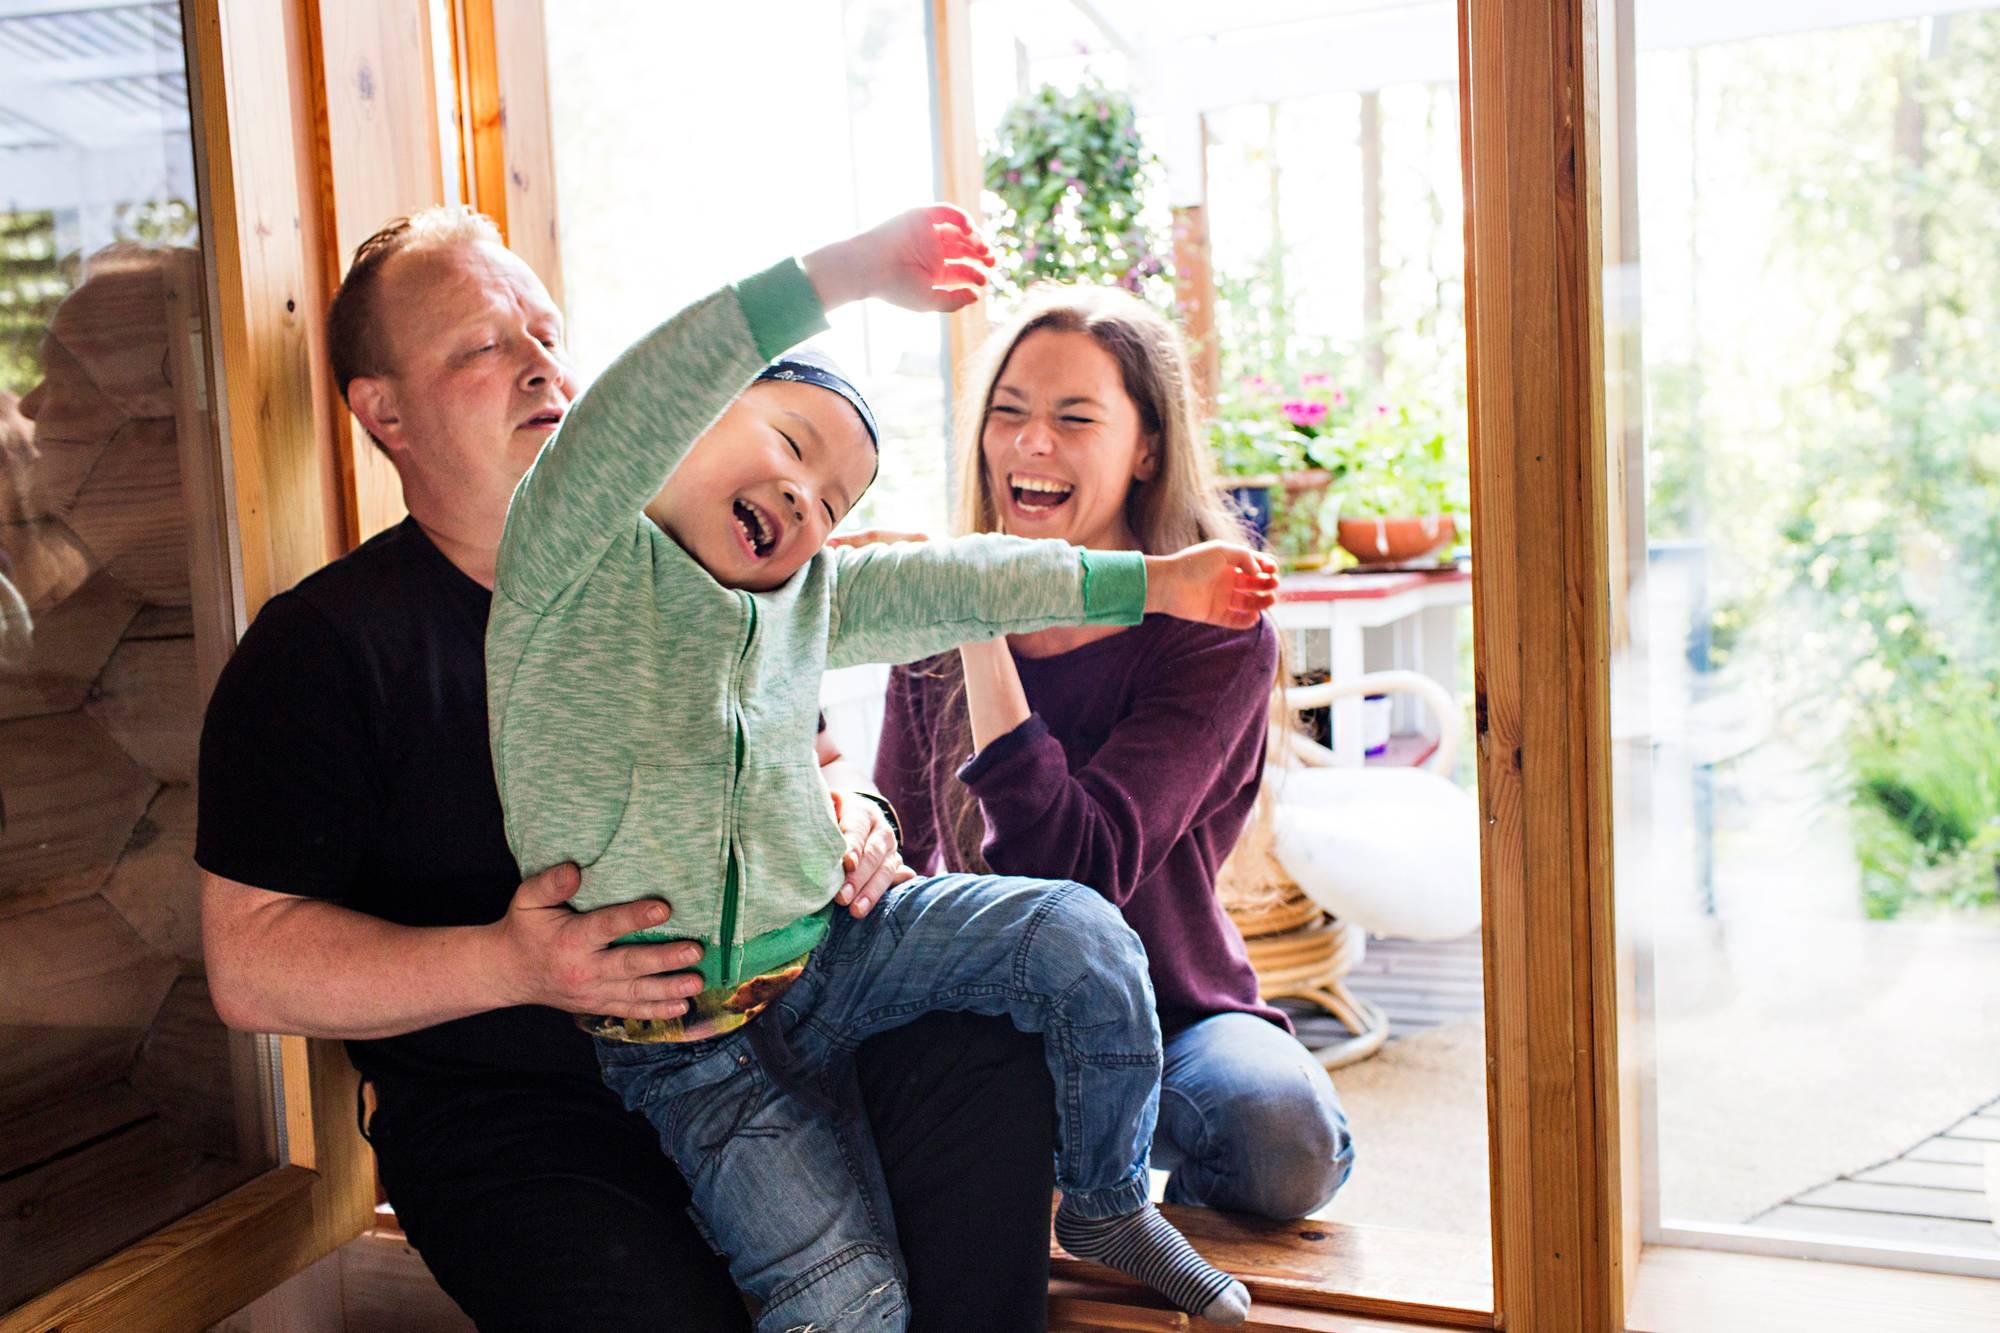 Teini perhe suku puolen tarinoita